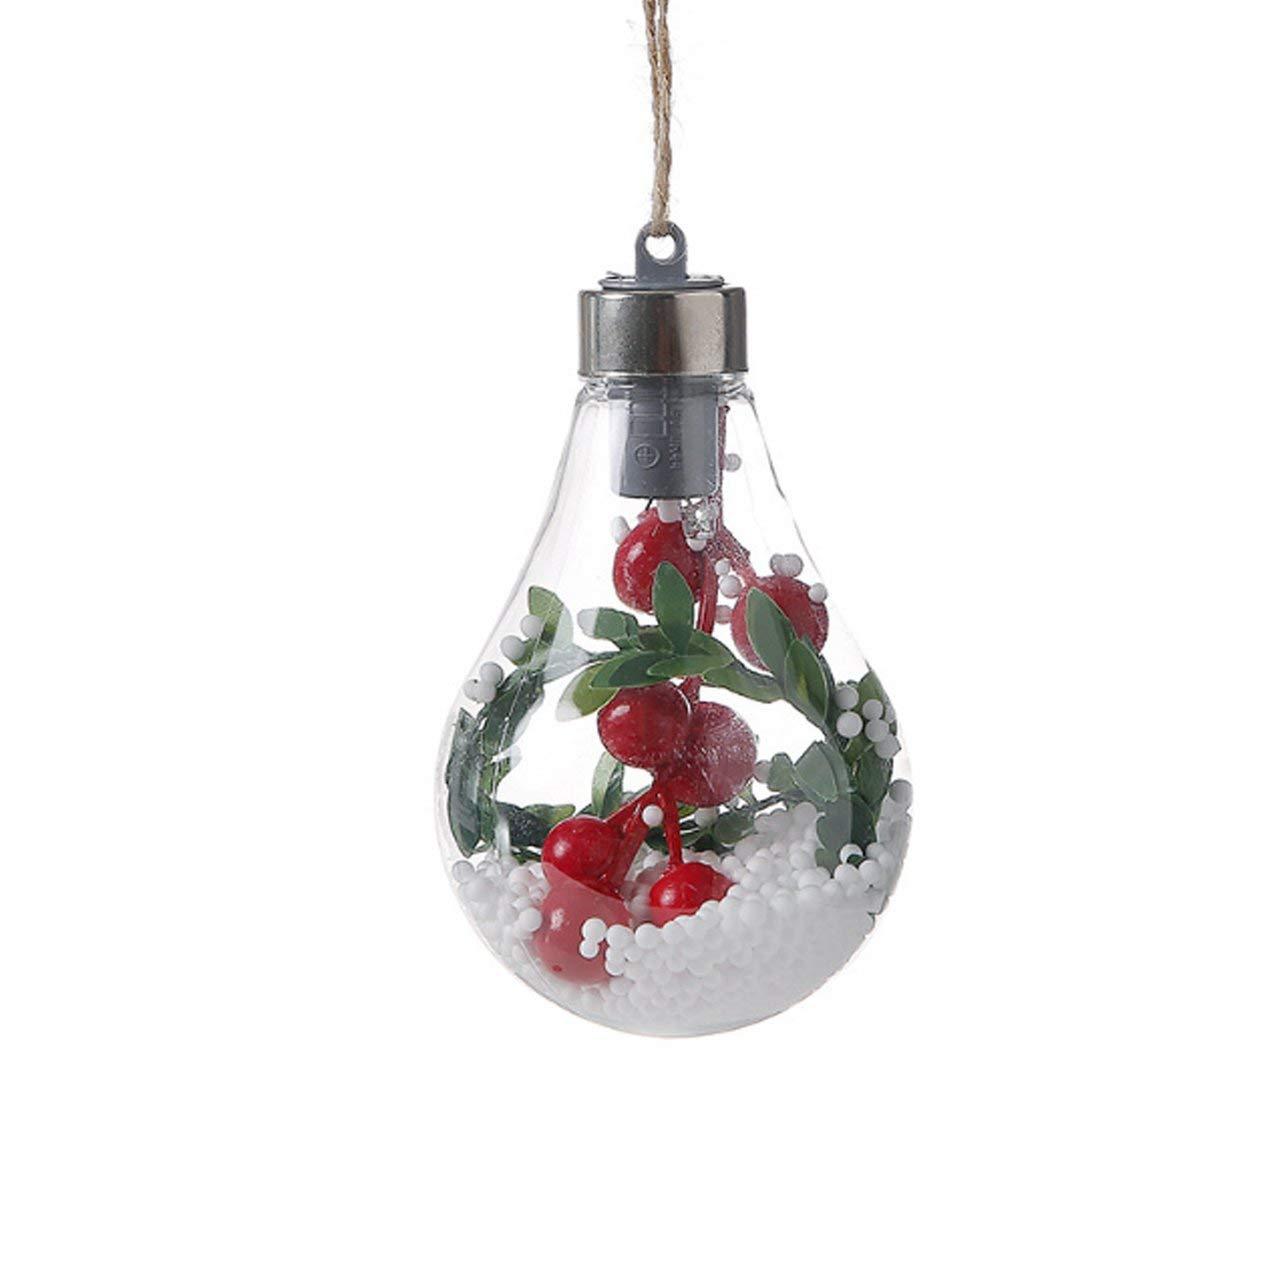 Hanfseil Ball Glü hbirne Hä ngelampe Weihnachtsbaum Dekoration Licht Home Schlafzimmer Nachtlicht Dooret